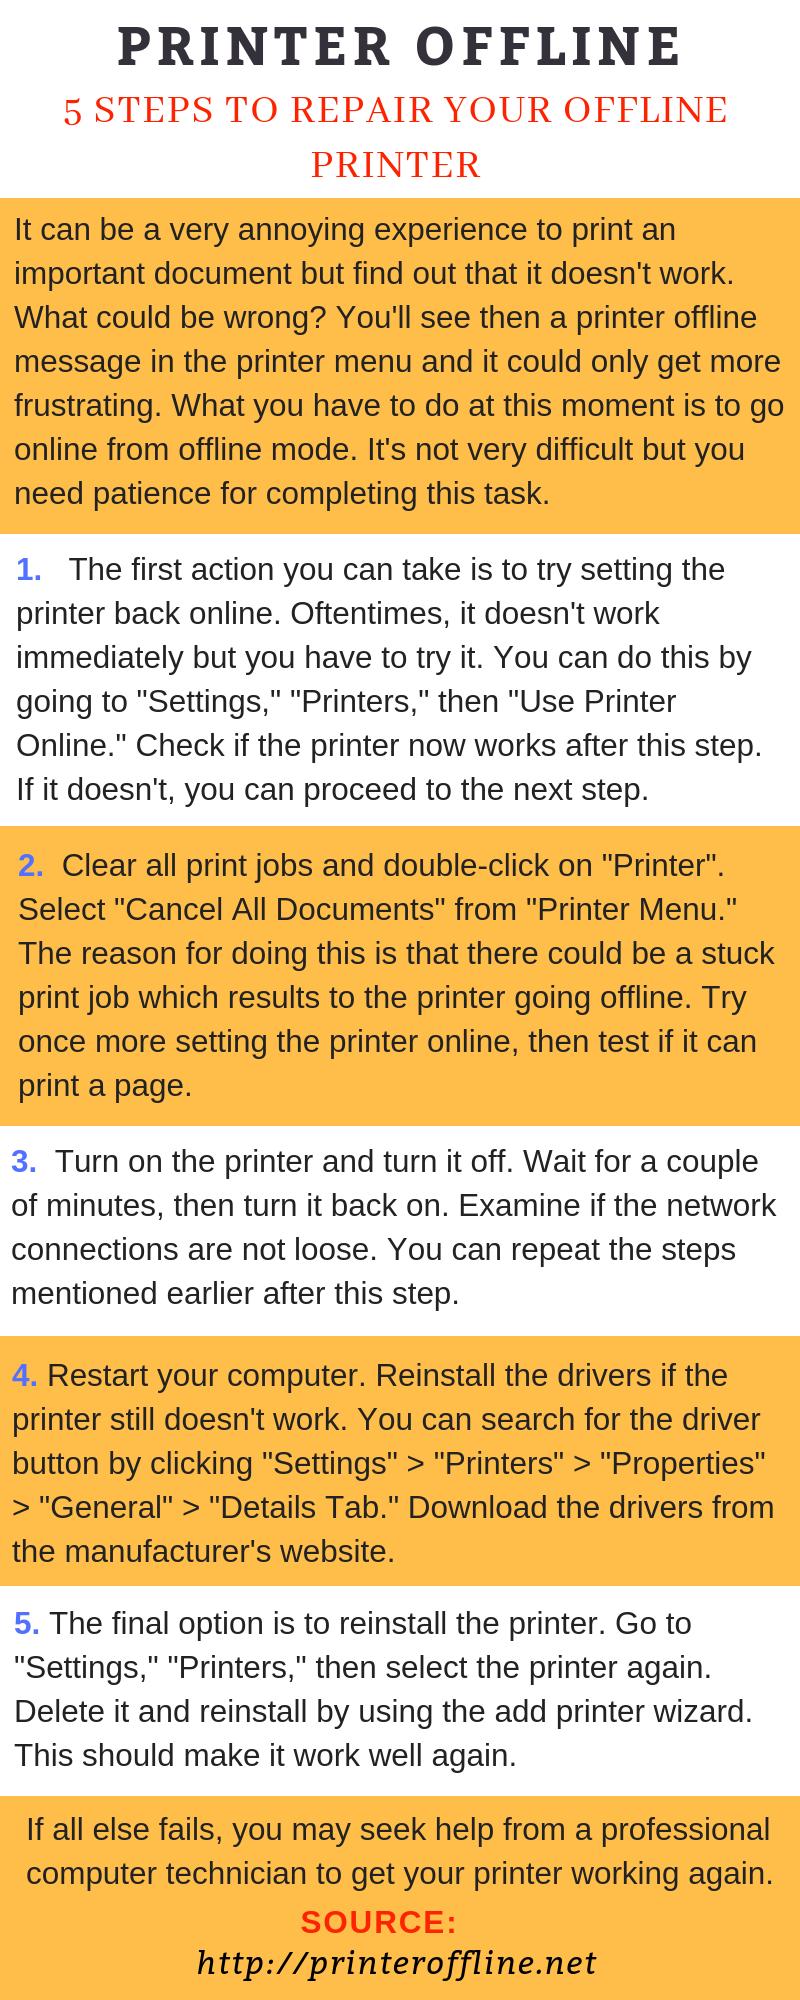 f6e057228076fb1e77a4ee36f52097f0 - How Do You Get A Printer To Go Online